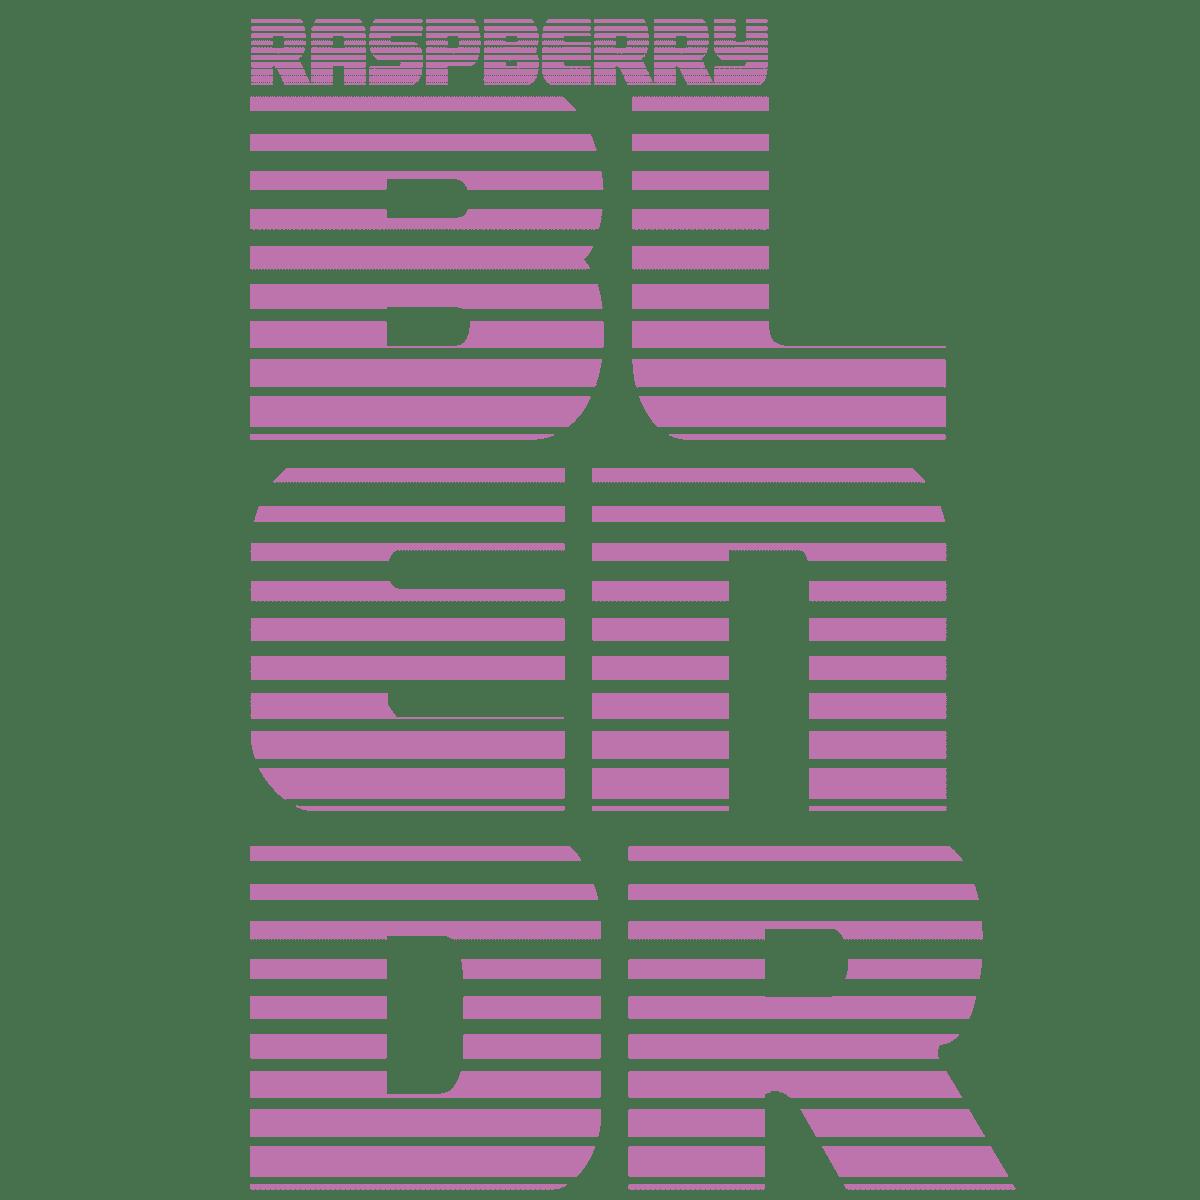 Raspberry Blender